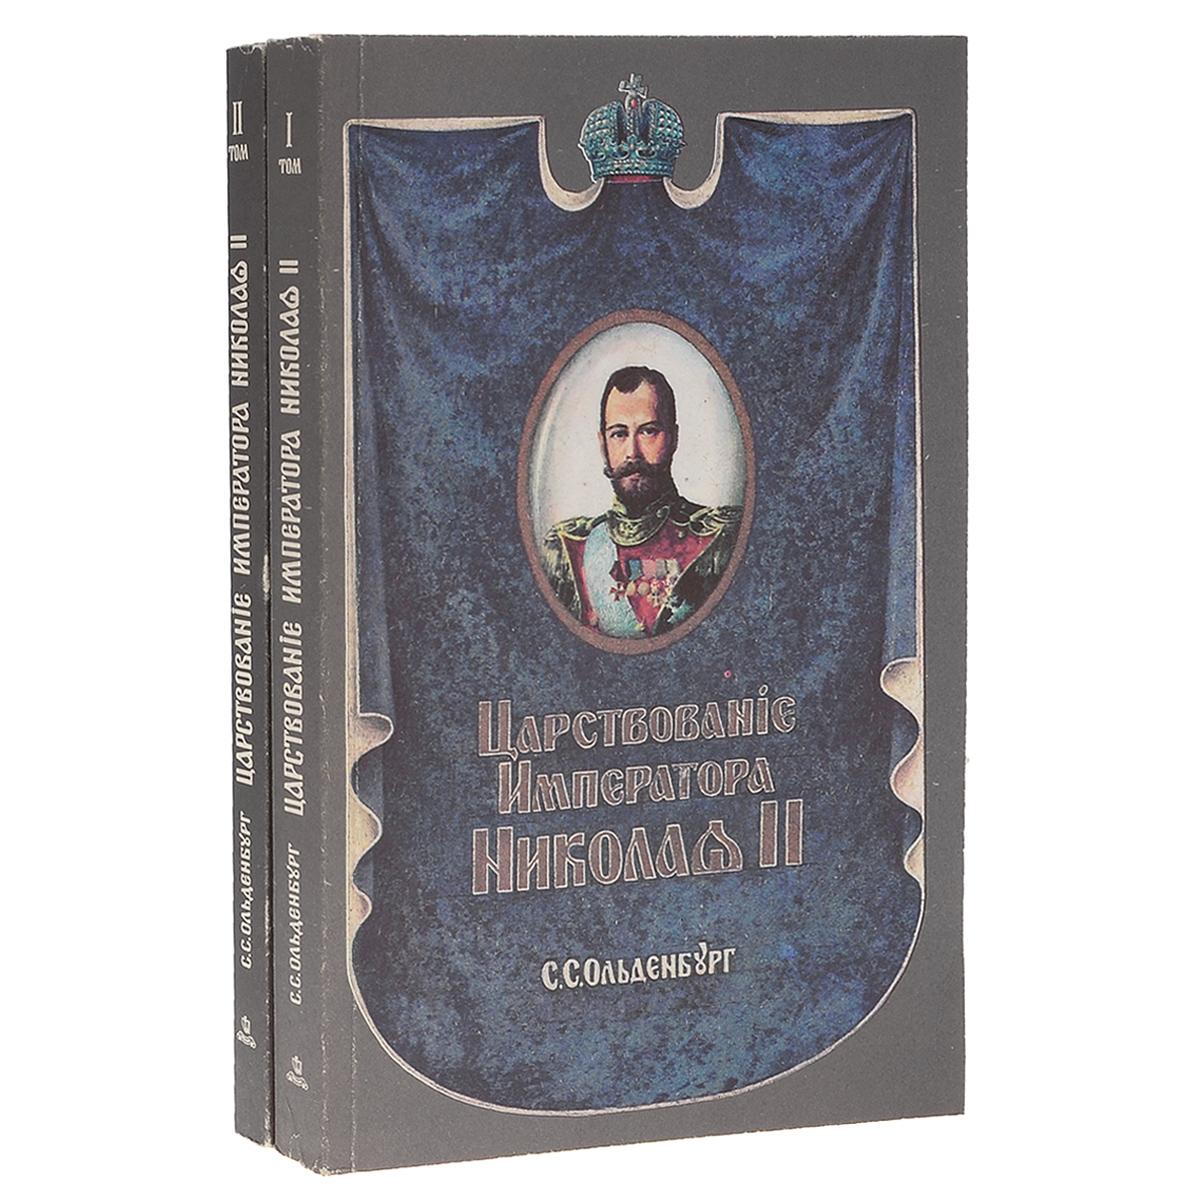 С. С. Ольденбург Царствование Императора Николая II (комплект из 2 книг)